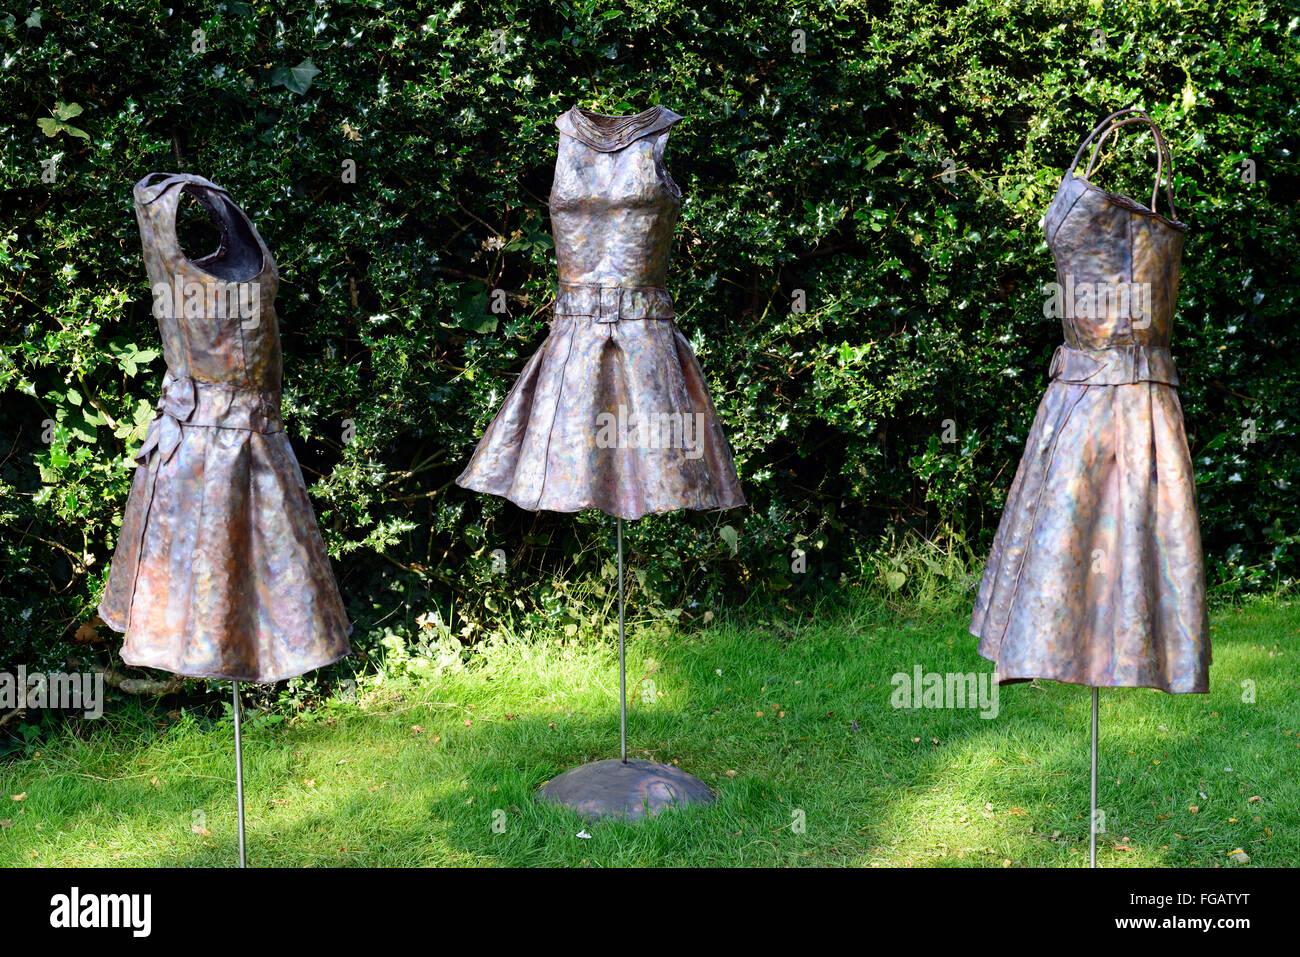 Ation de tissu Helen Walsh la sculpture dans le contexte d'exposition exposition d'art de Dublin Jardins Photo Stock